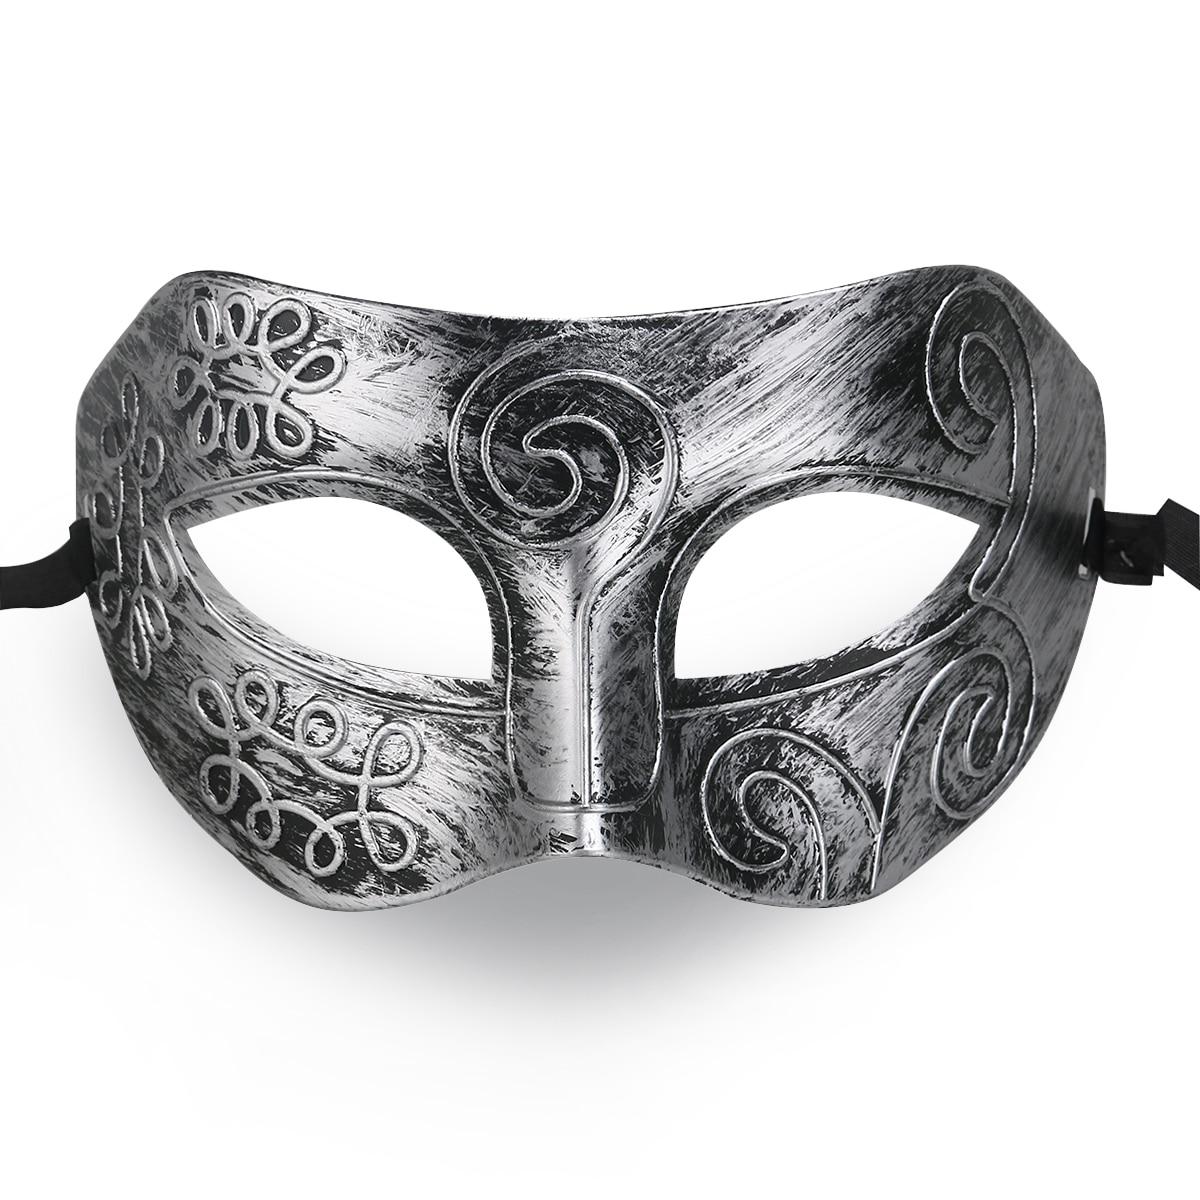 Online Get Cheap Cool Masks -Aliexpress.com | Alibaba Group